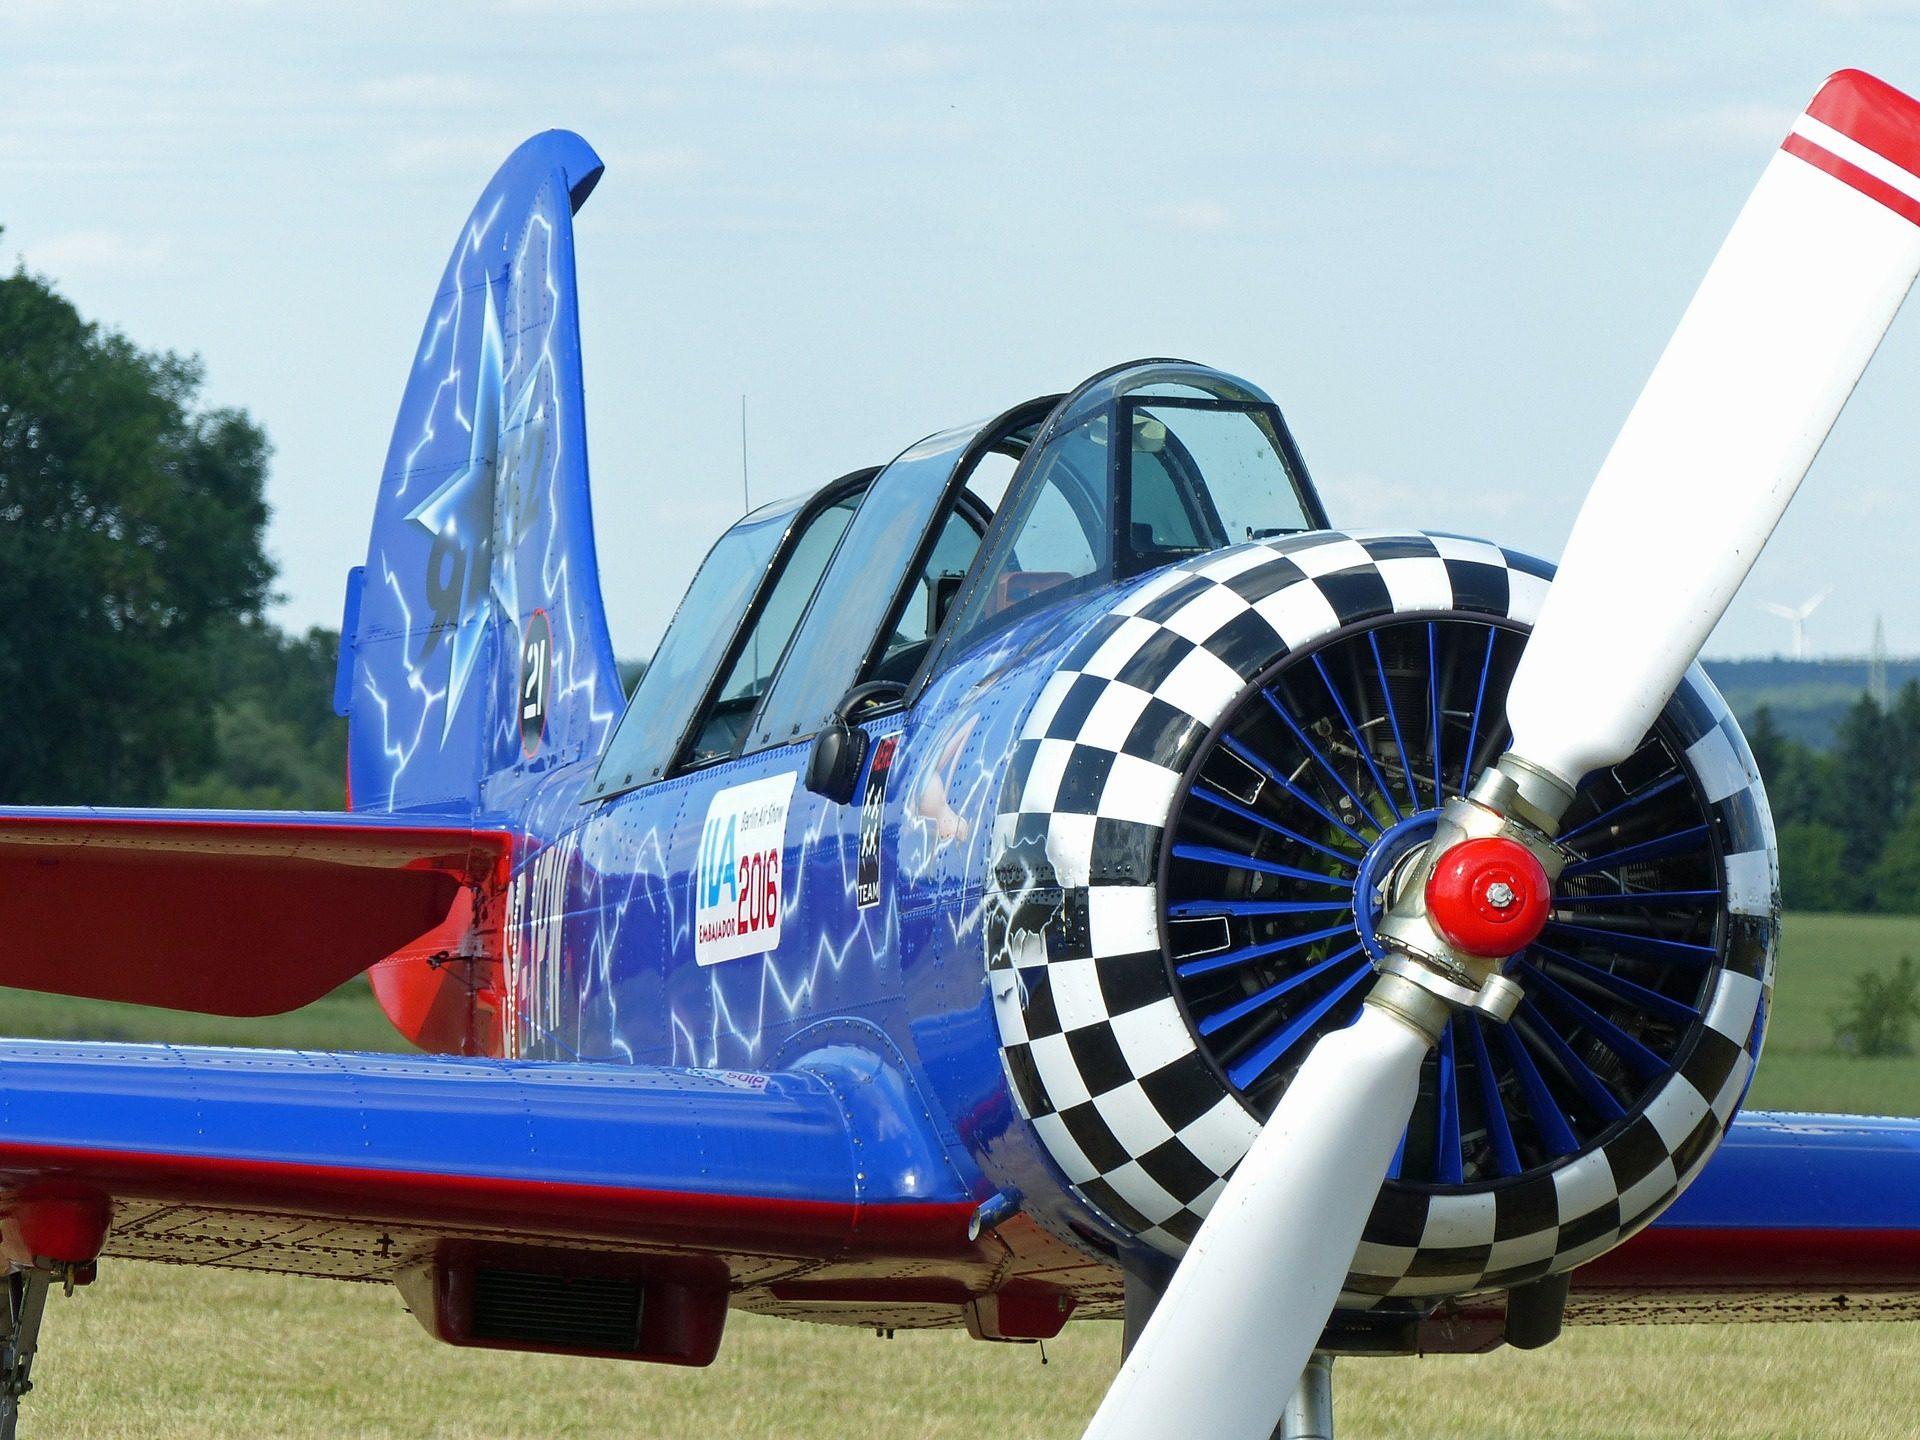 avioneta, hélice, aspas, cabine, asas, jak52 - Papéis de parede HD - Professor-falken.com